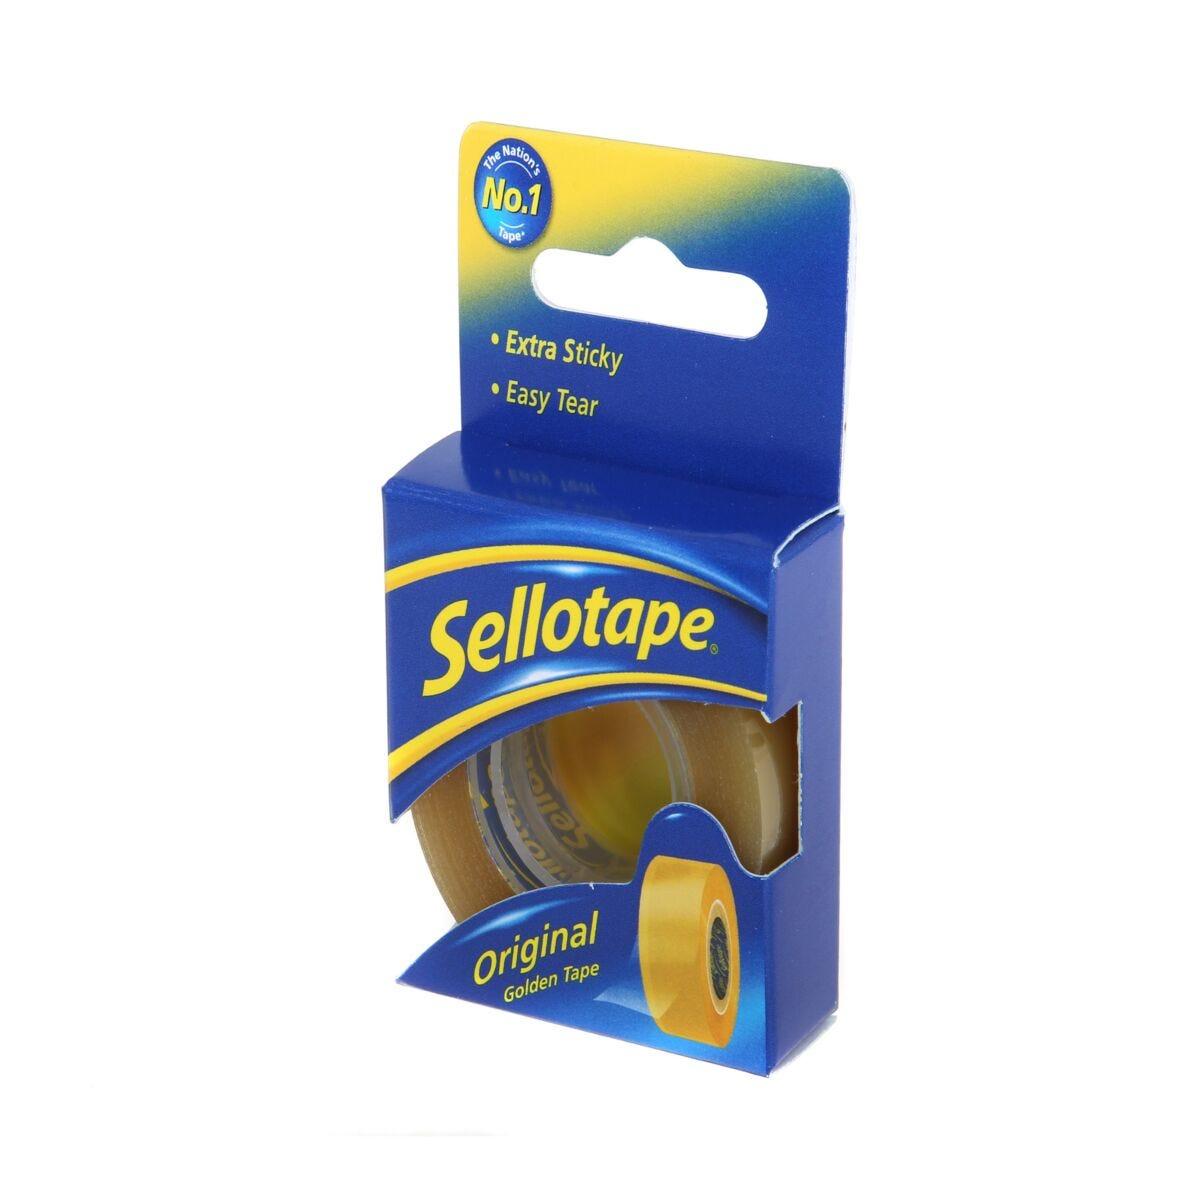 Sellotape Golden 18mm x 25m